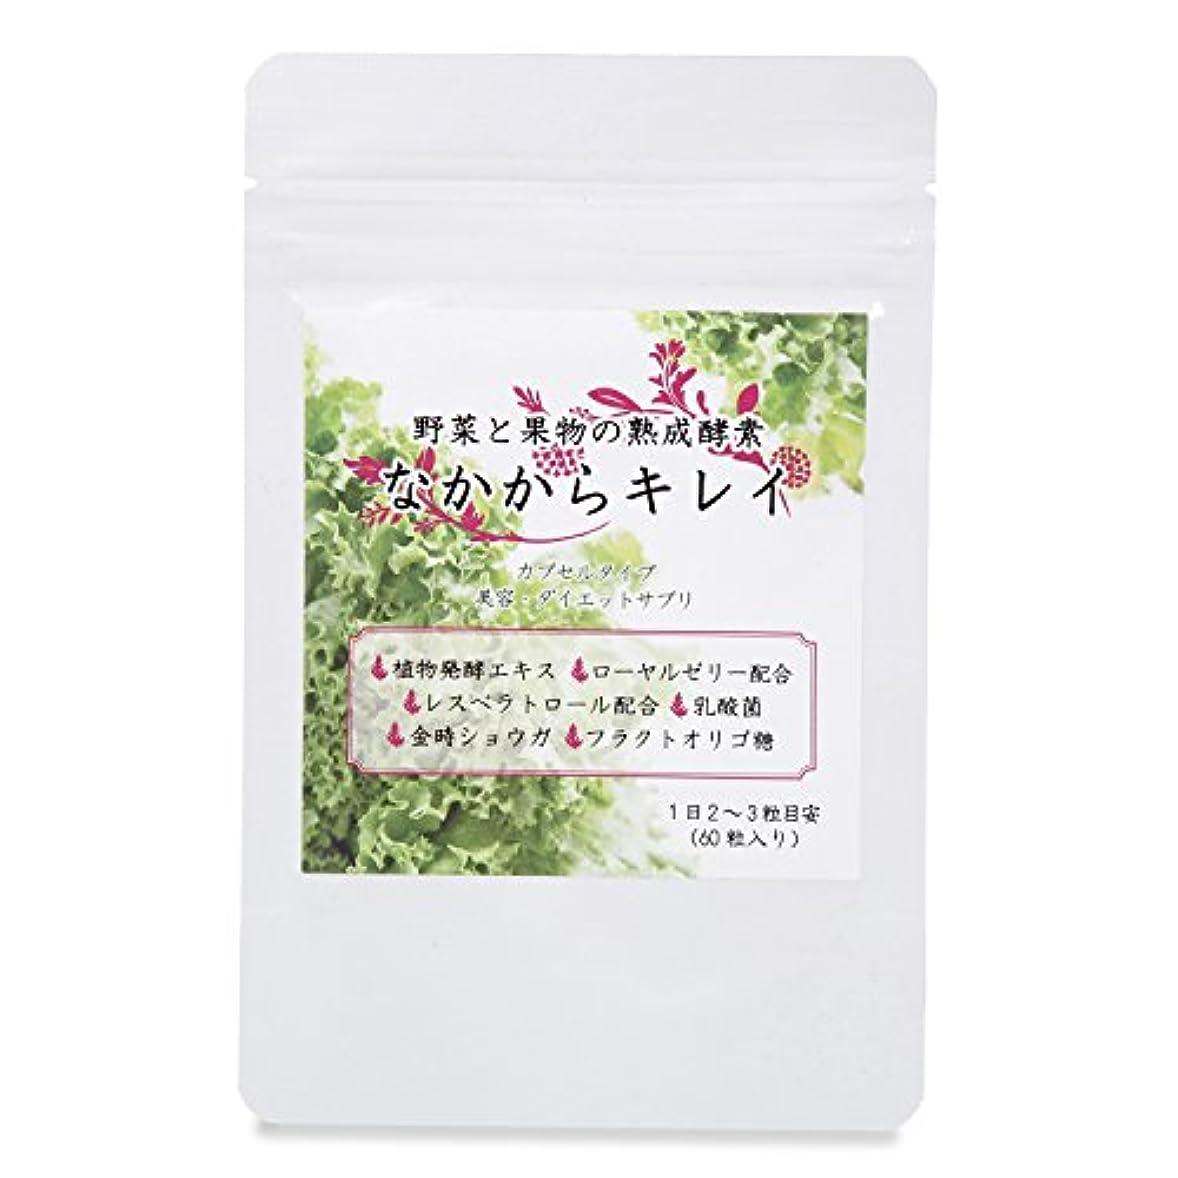 戦士病者シャワーなかからキレイ 植物酵素 酵母 レスベラトロール配合 サプリ 30日分/60粒